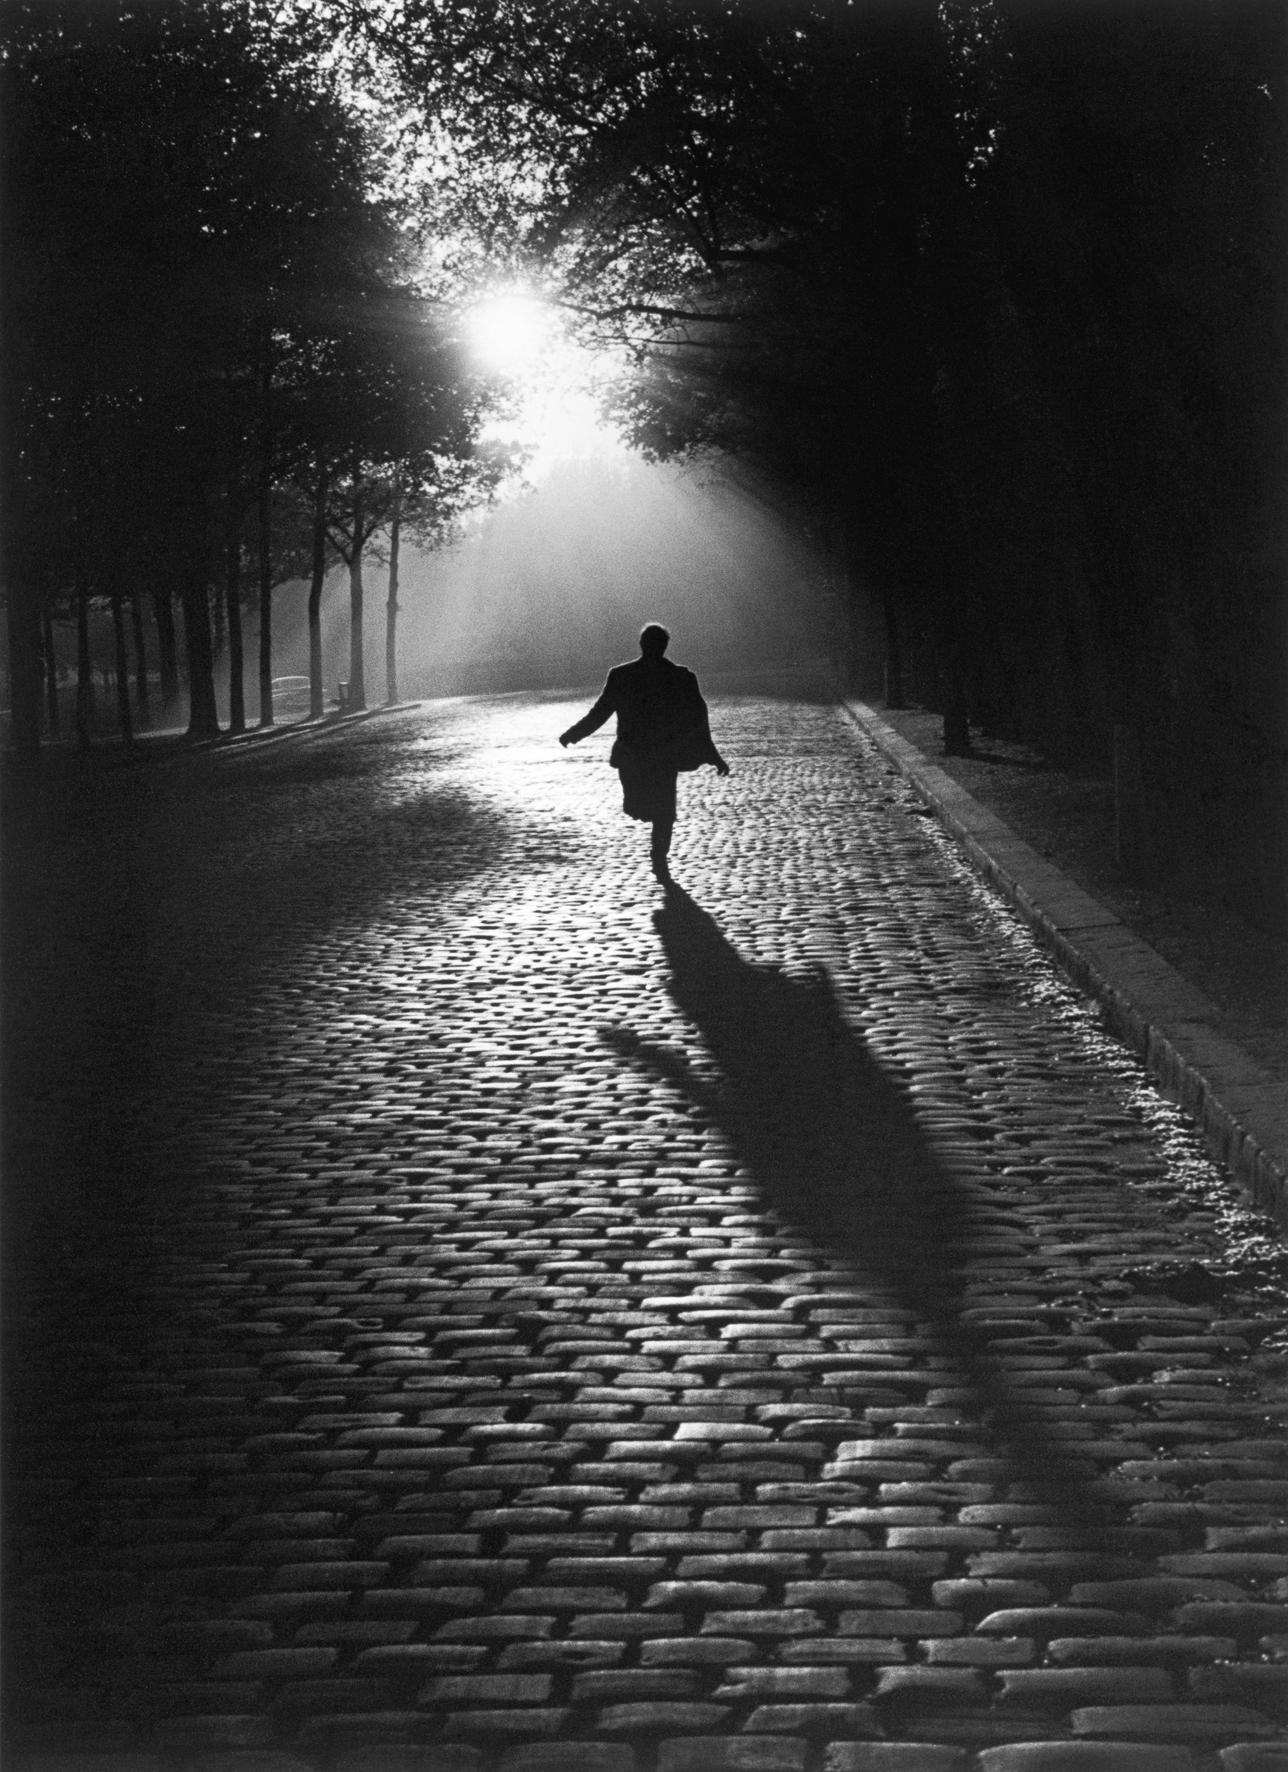 L'homme qui court, Paris, 1953.  Sabine Weiss